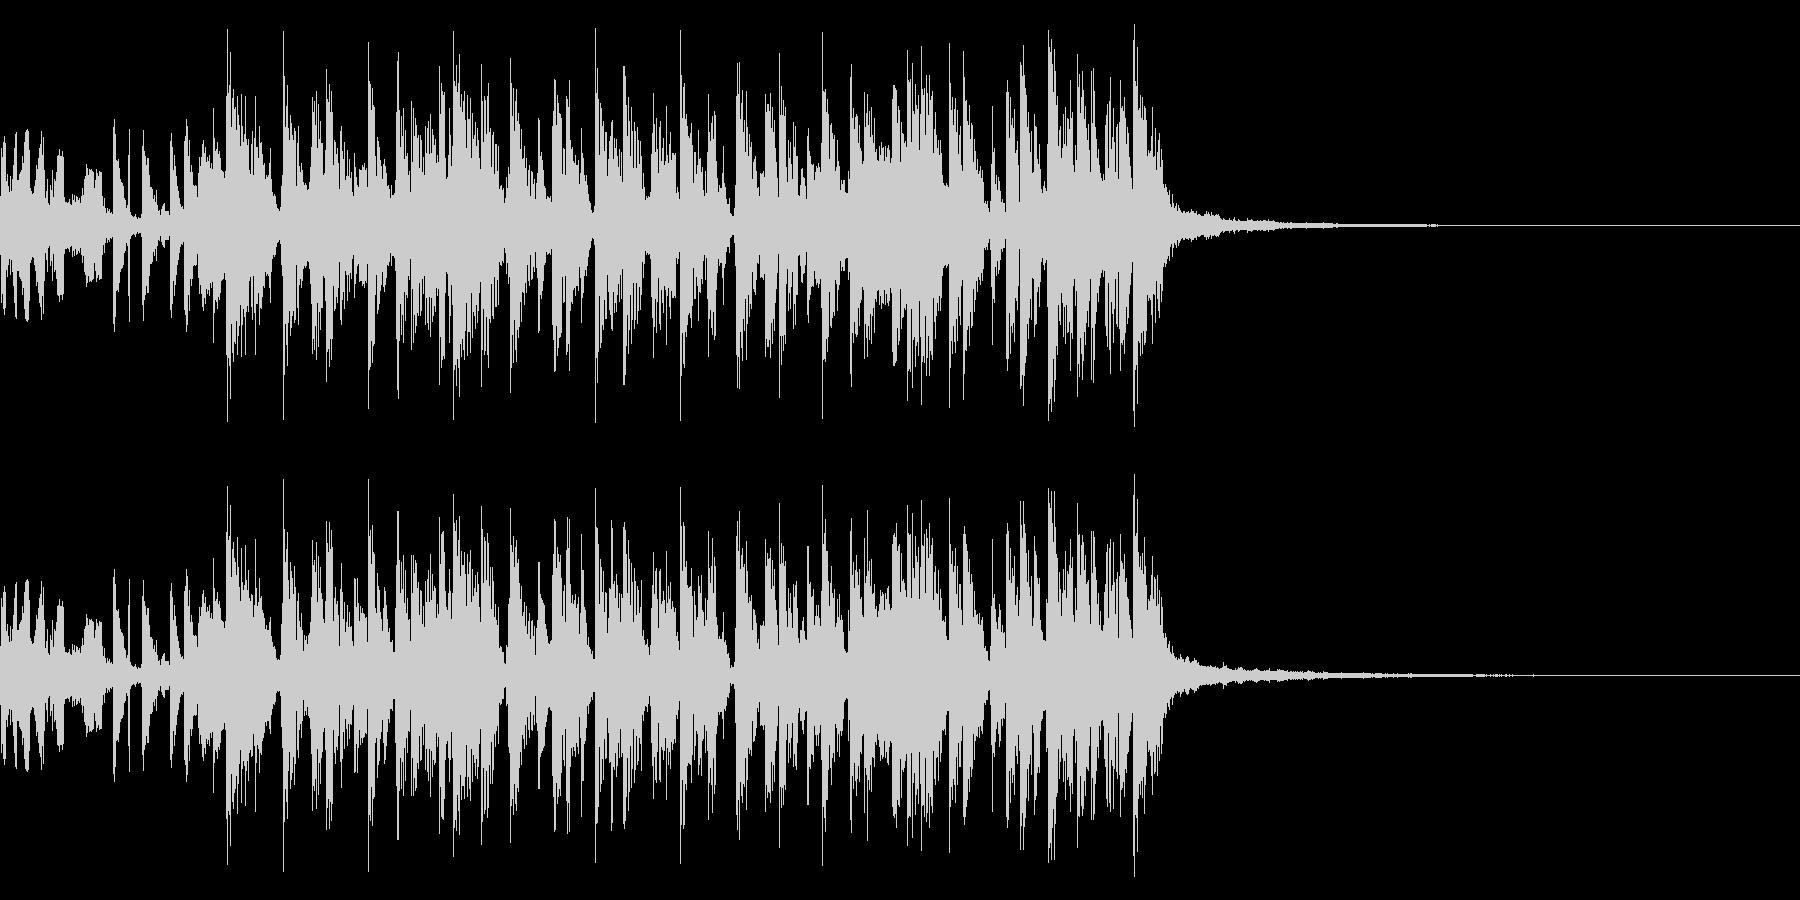 ジャイロスコープの未再生の波形